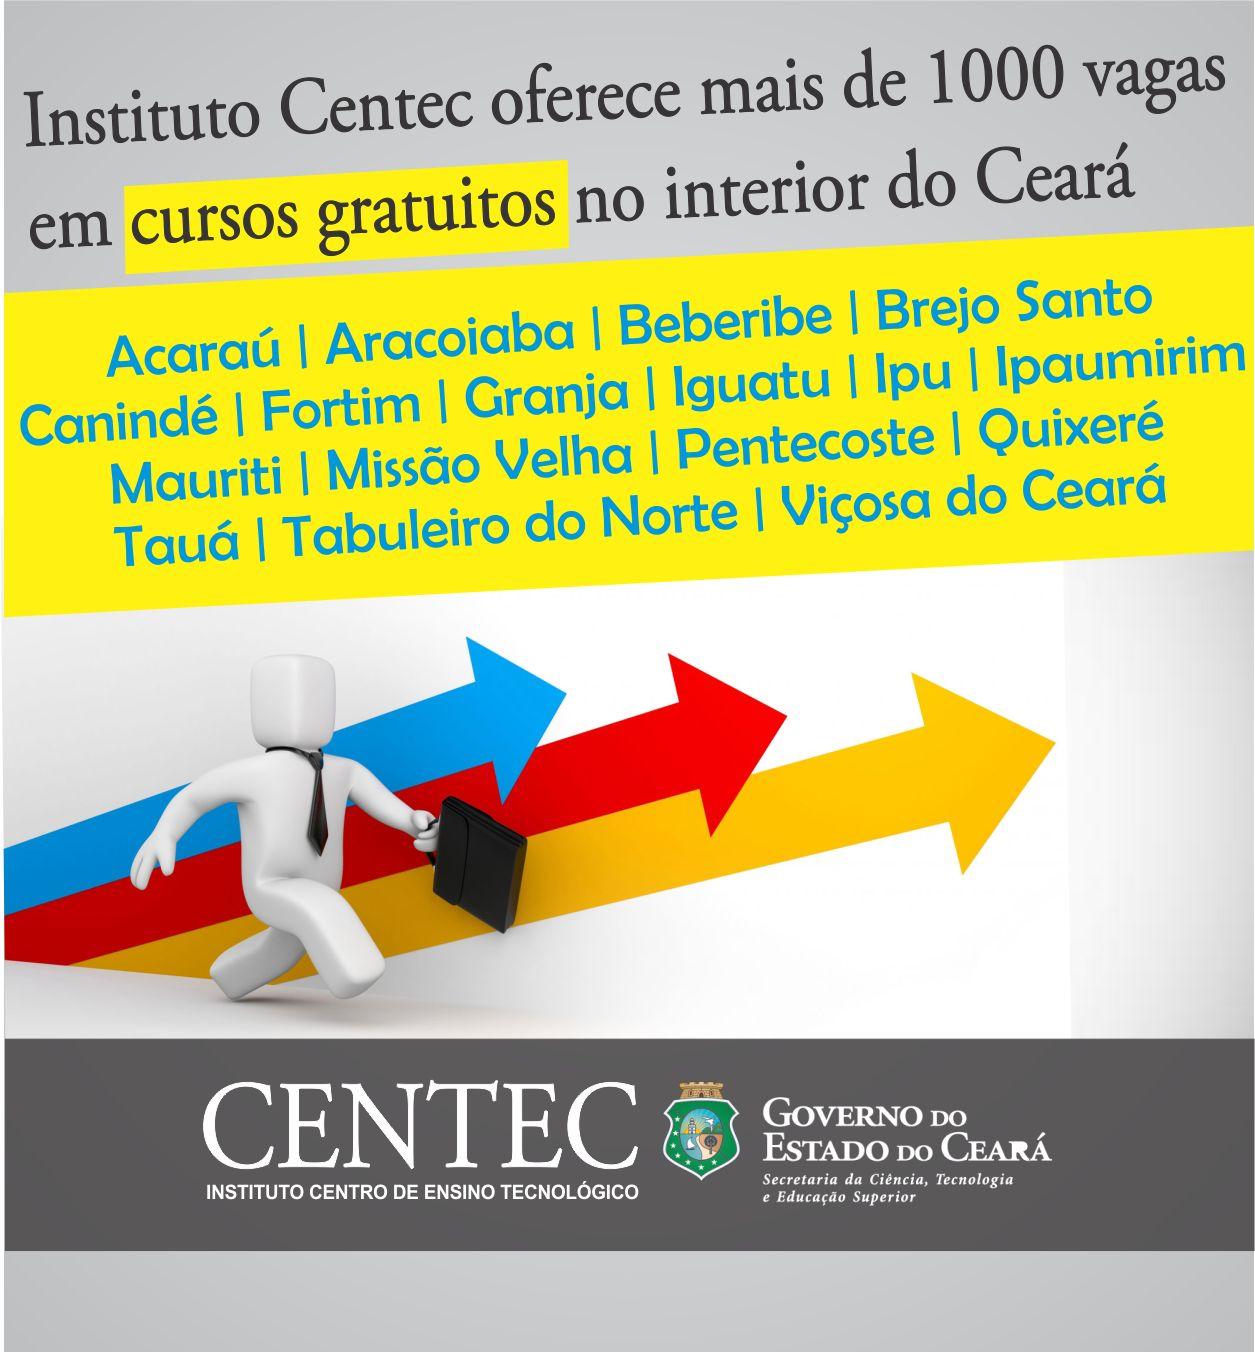 ee243eb2f63 Instituto Centec oferece mais de 1000 vagas em cursos gratuitos no ...